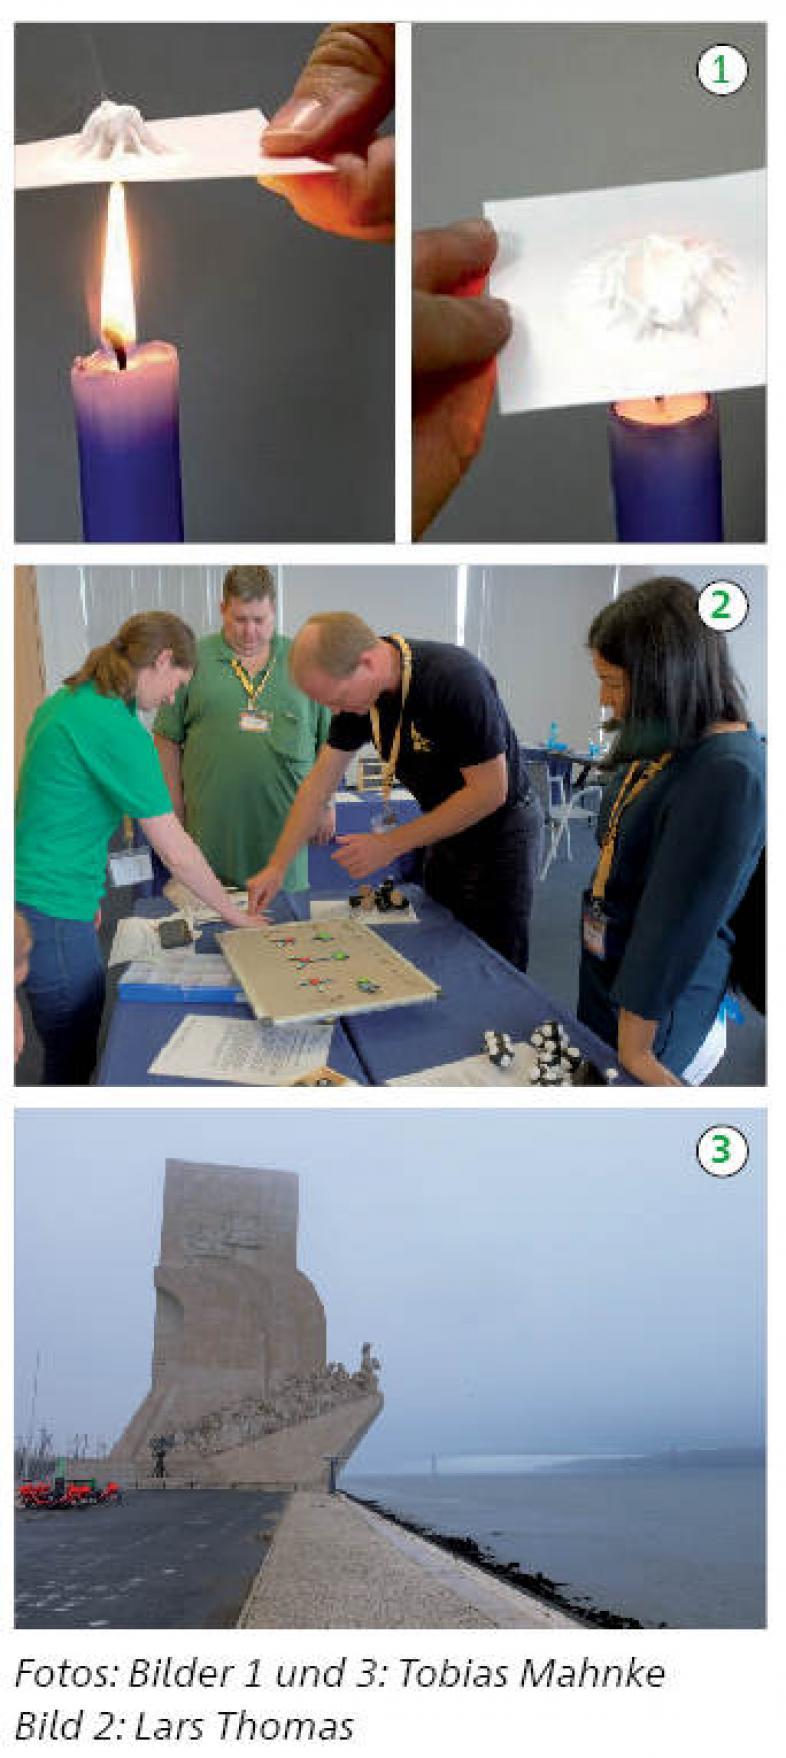 Drei Fotos zum Artikel, Bildbeschreibungen im Text.